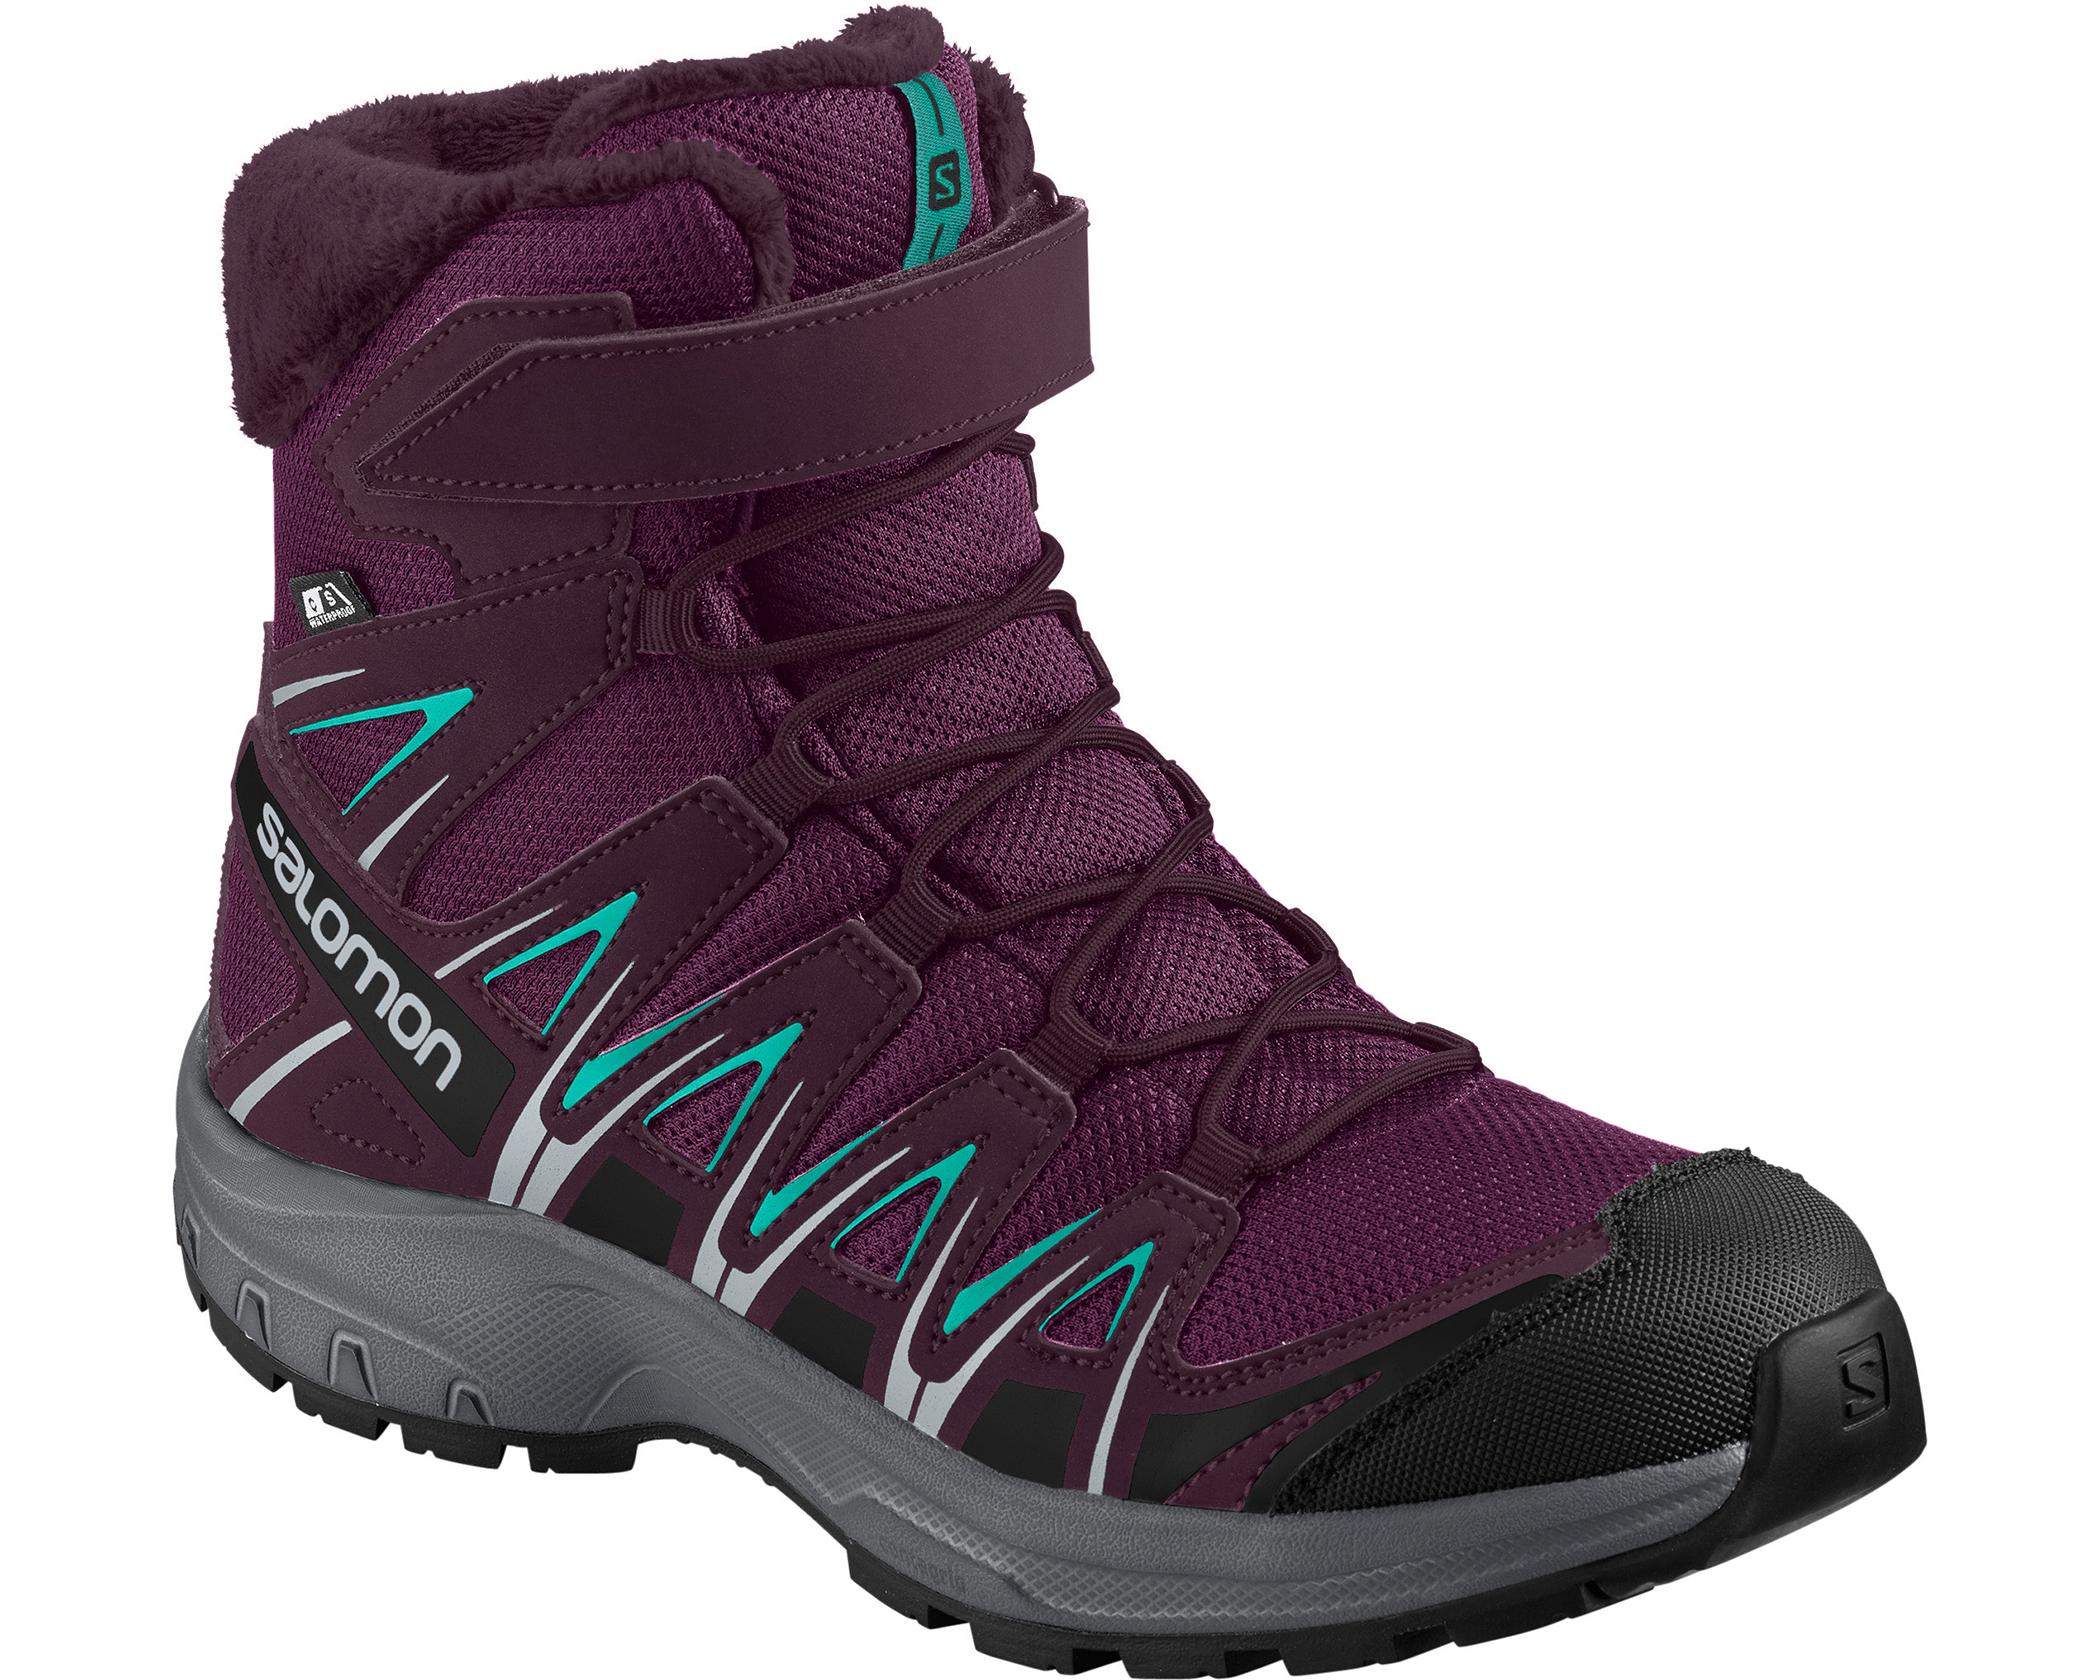 XA Pro 3D Winter TS CSWP JR Dark PurpleGreen